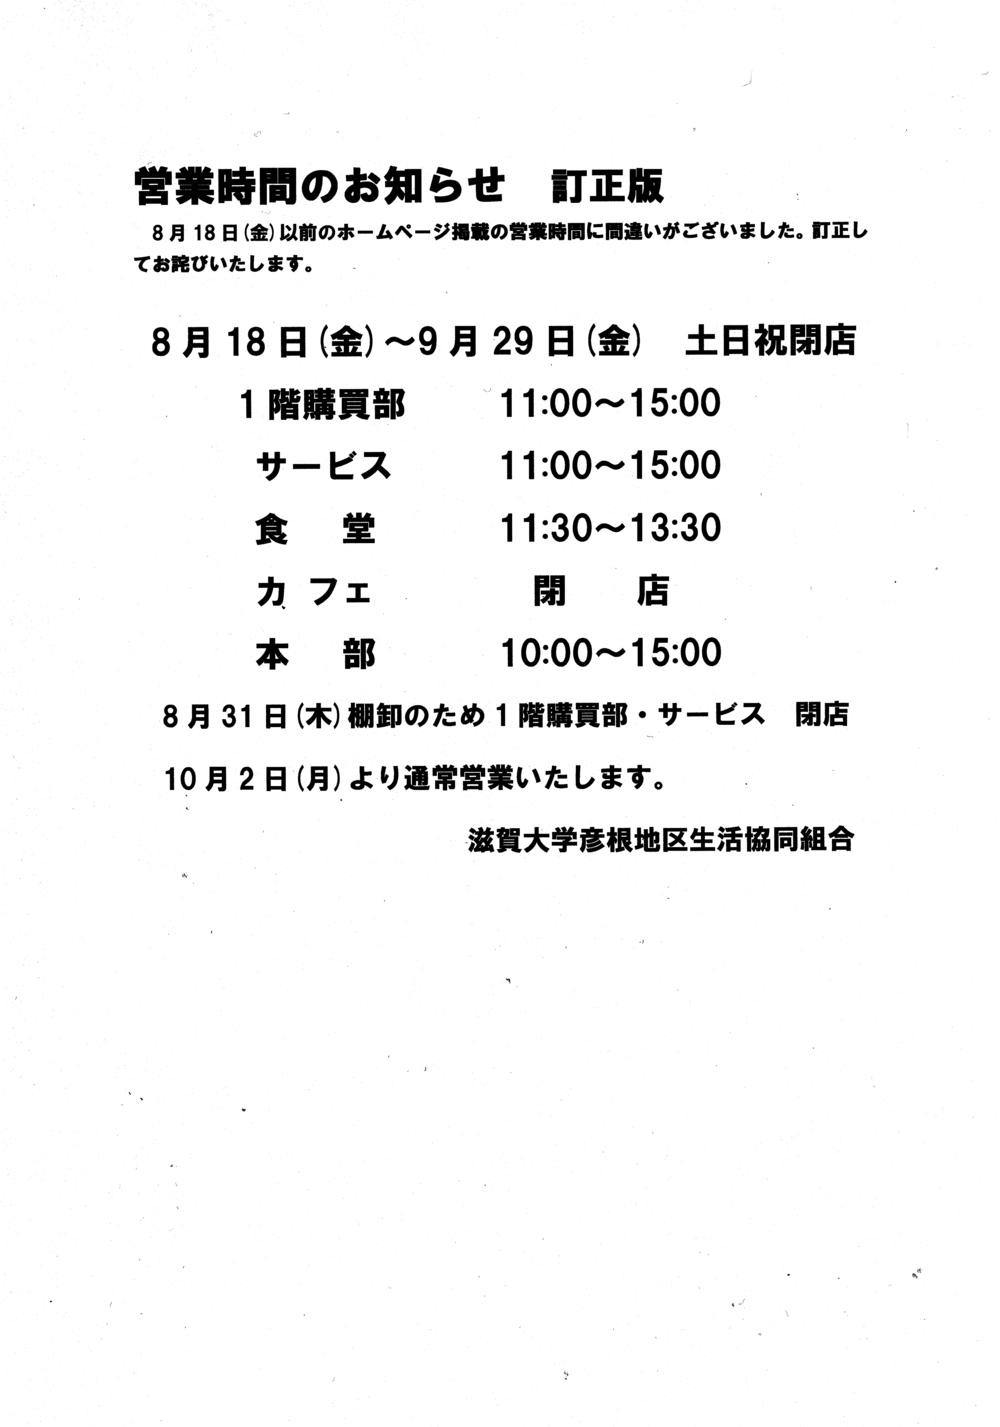 営業時間20170818.JPG